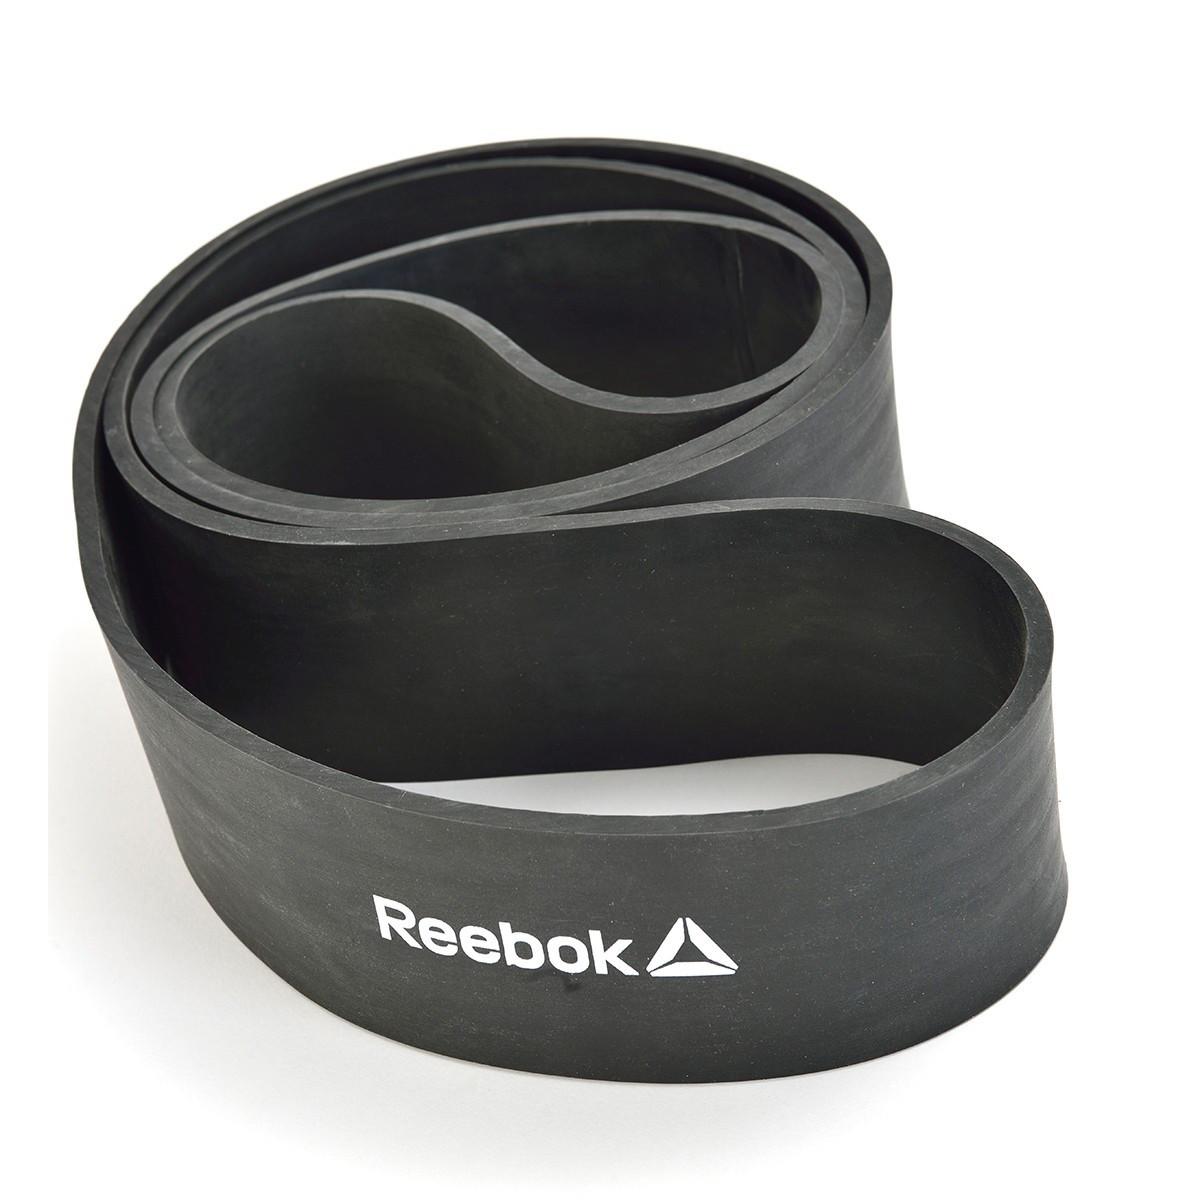 Резиновый эспандер для кросфита Reebok RSTB-10082 (укрепленный)